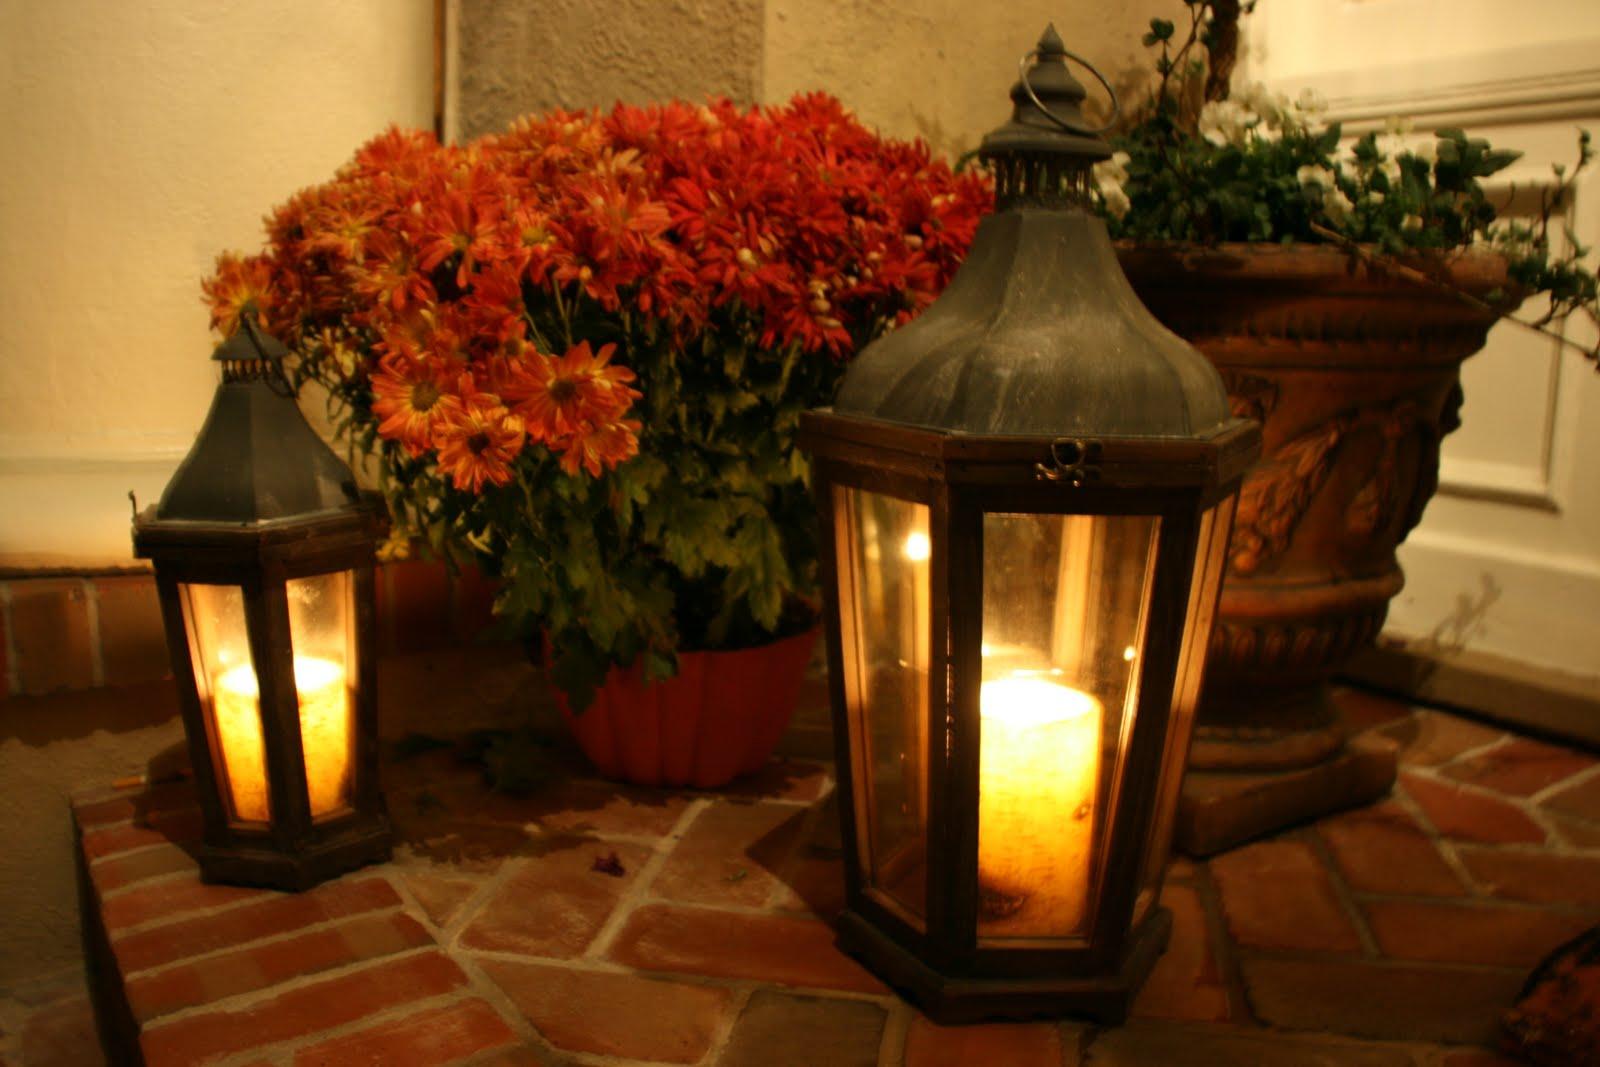 Candlelight Welcome Minhas Idéias de Design #CA9901 1600 1067